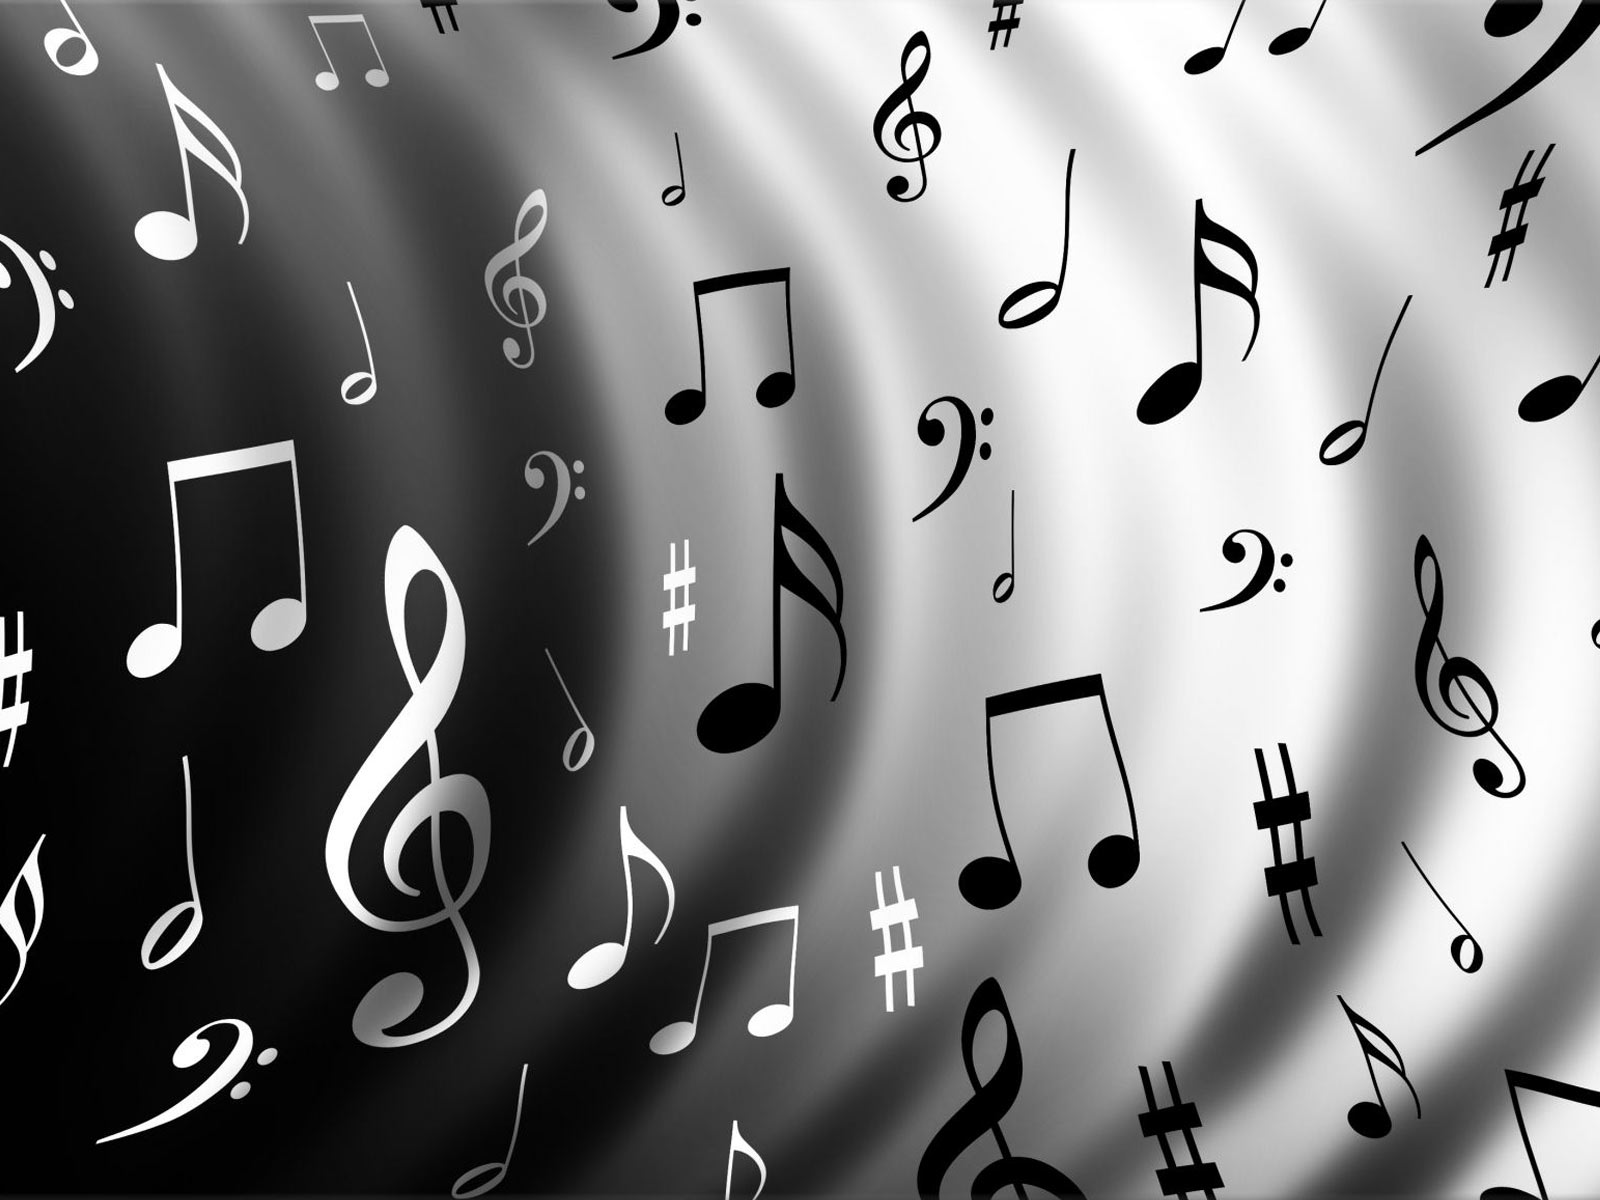 音符イラスト白黒の波紋 無料のフリー素材